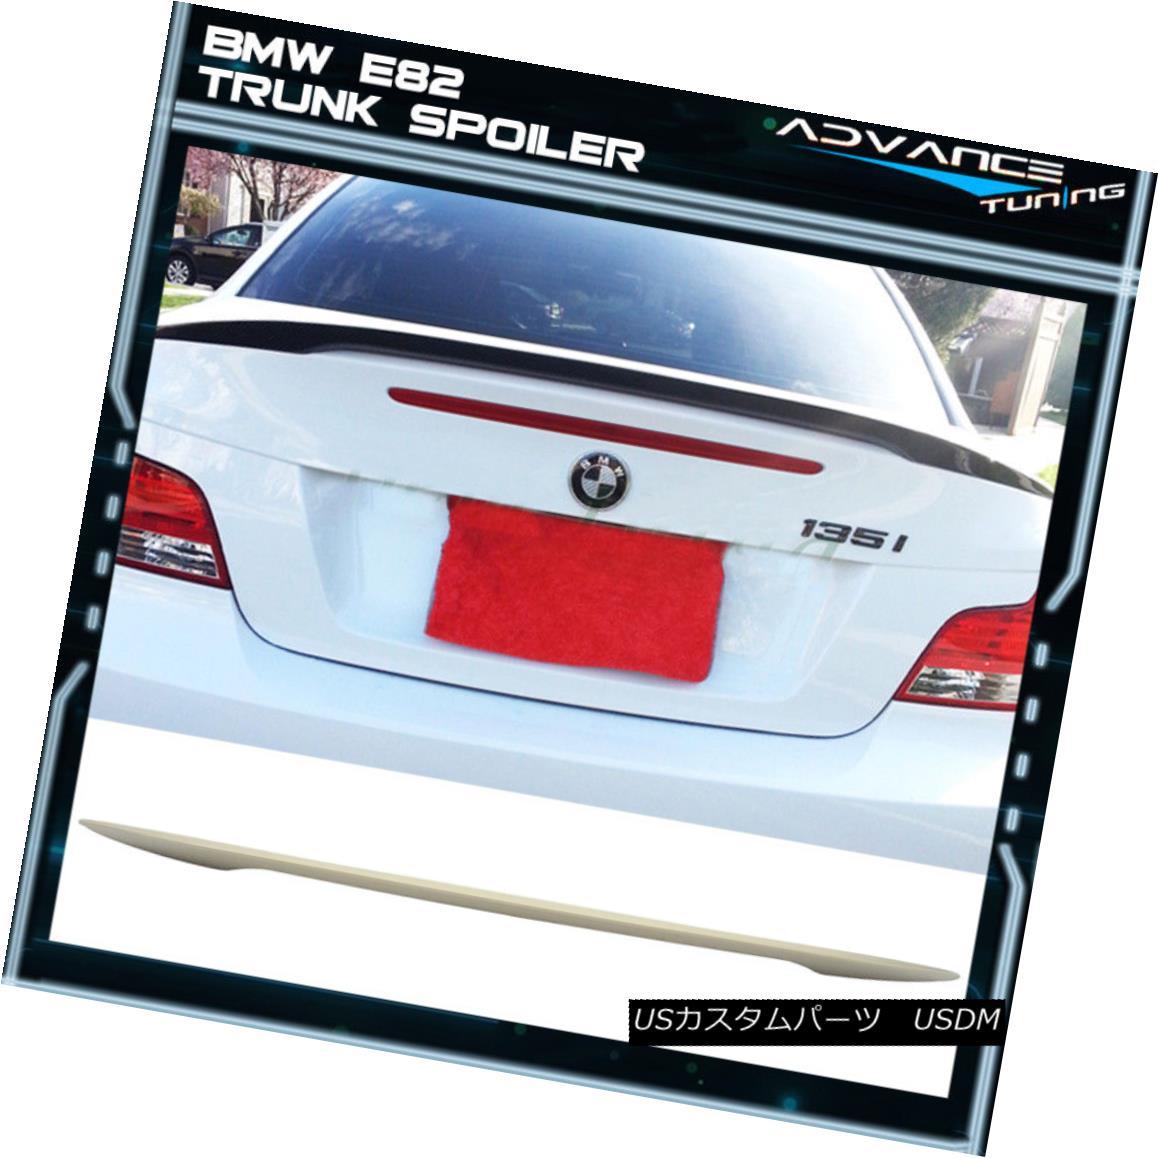 エアロパーツ Fit 07-13 BMW 1-Series E82 Coupe P Rear Trunk Spoiler Wing ABS フィット07-13 BMW 1シリーズE82クーペPリアトランクスポイラーウィングABS